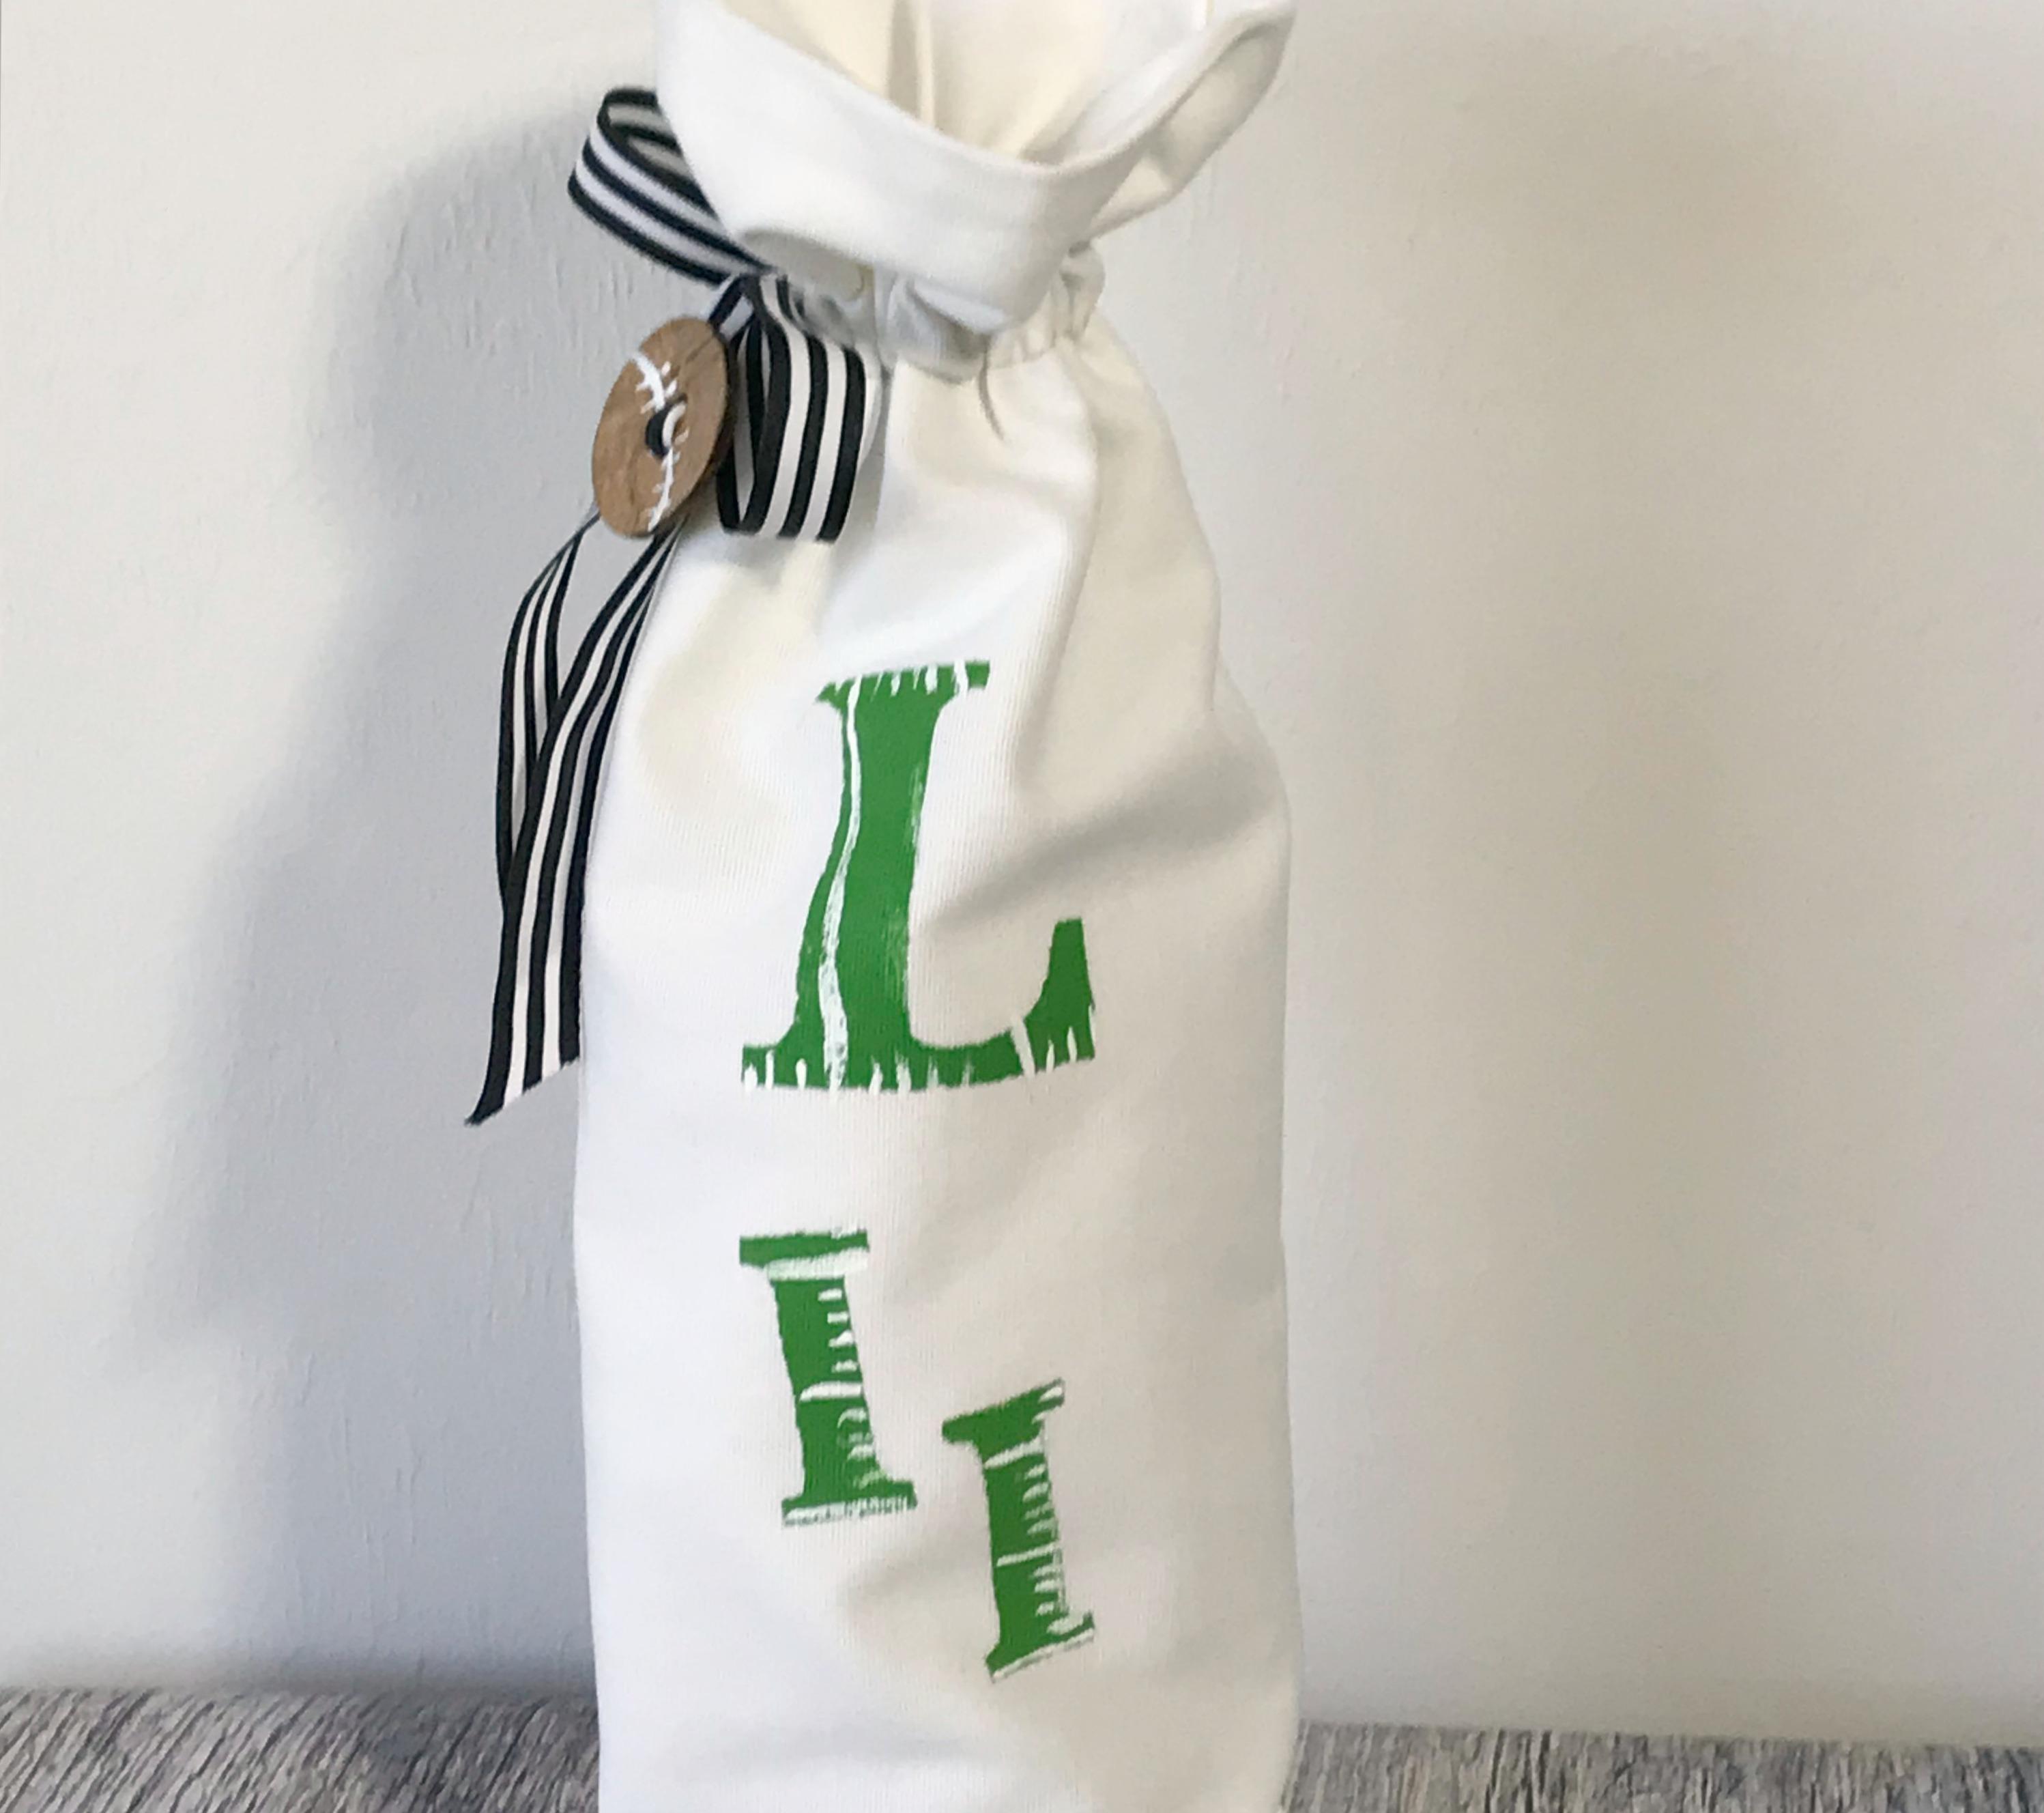 superbowl wine bag